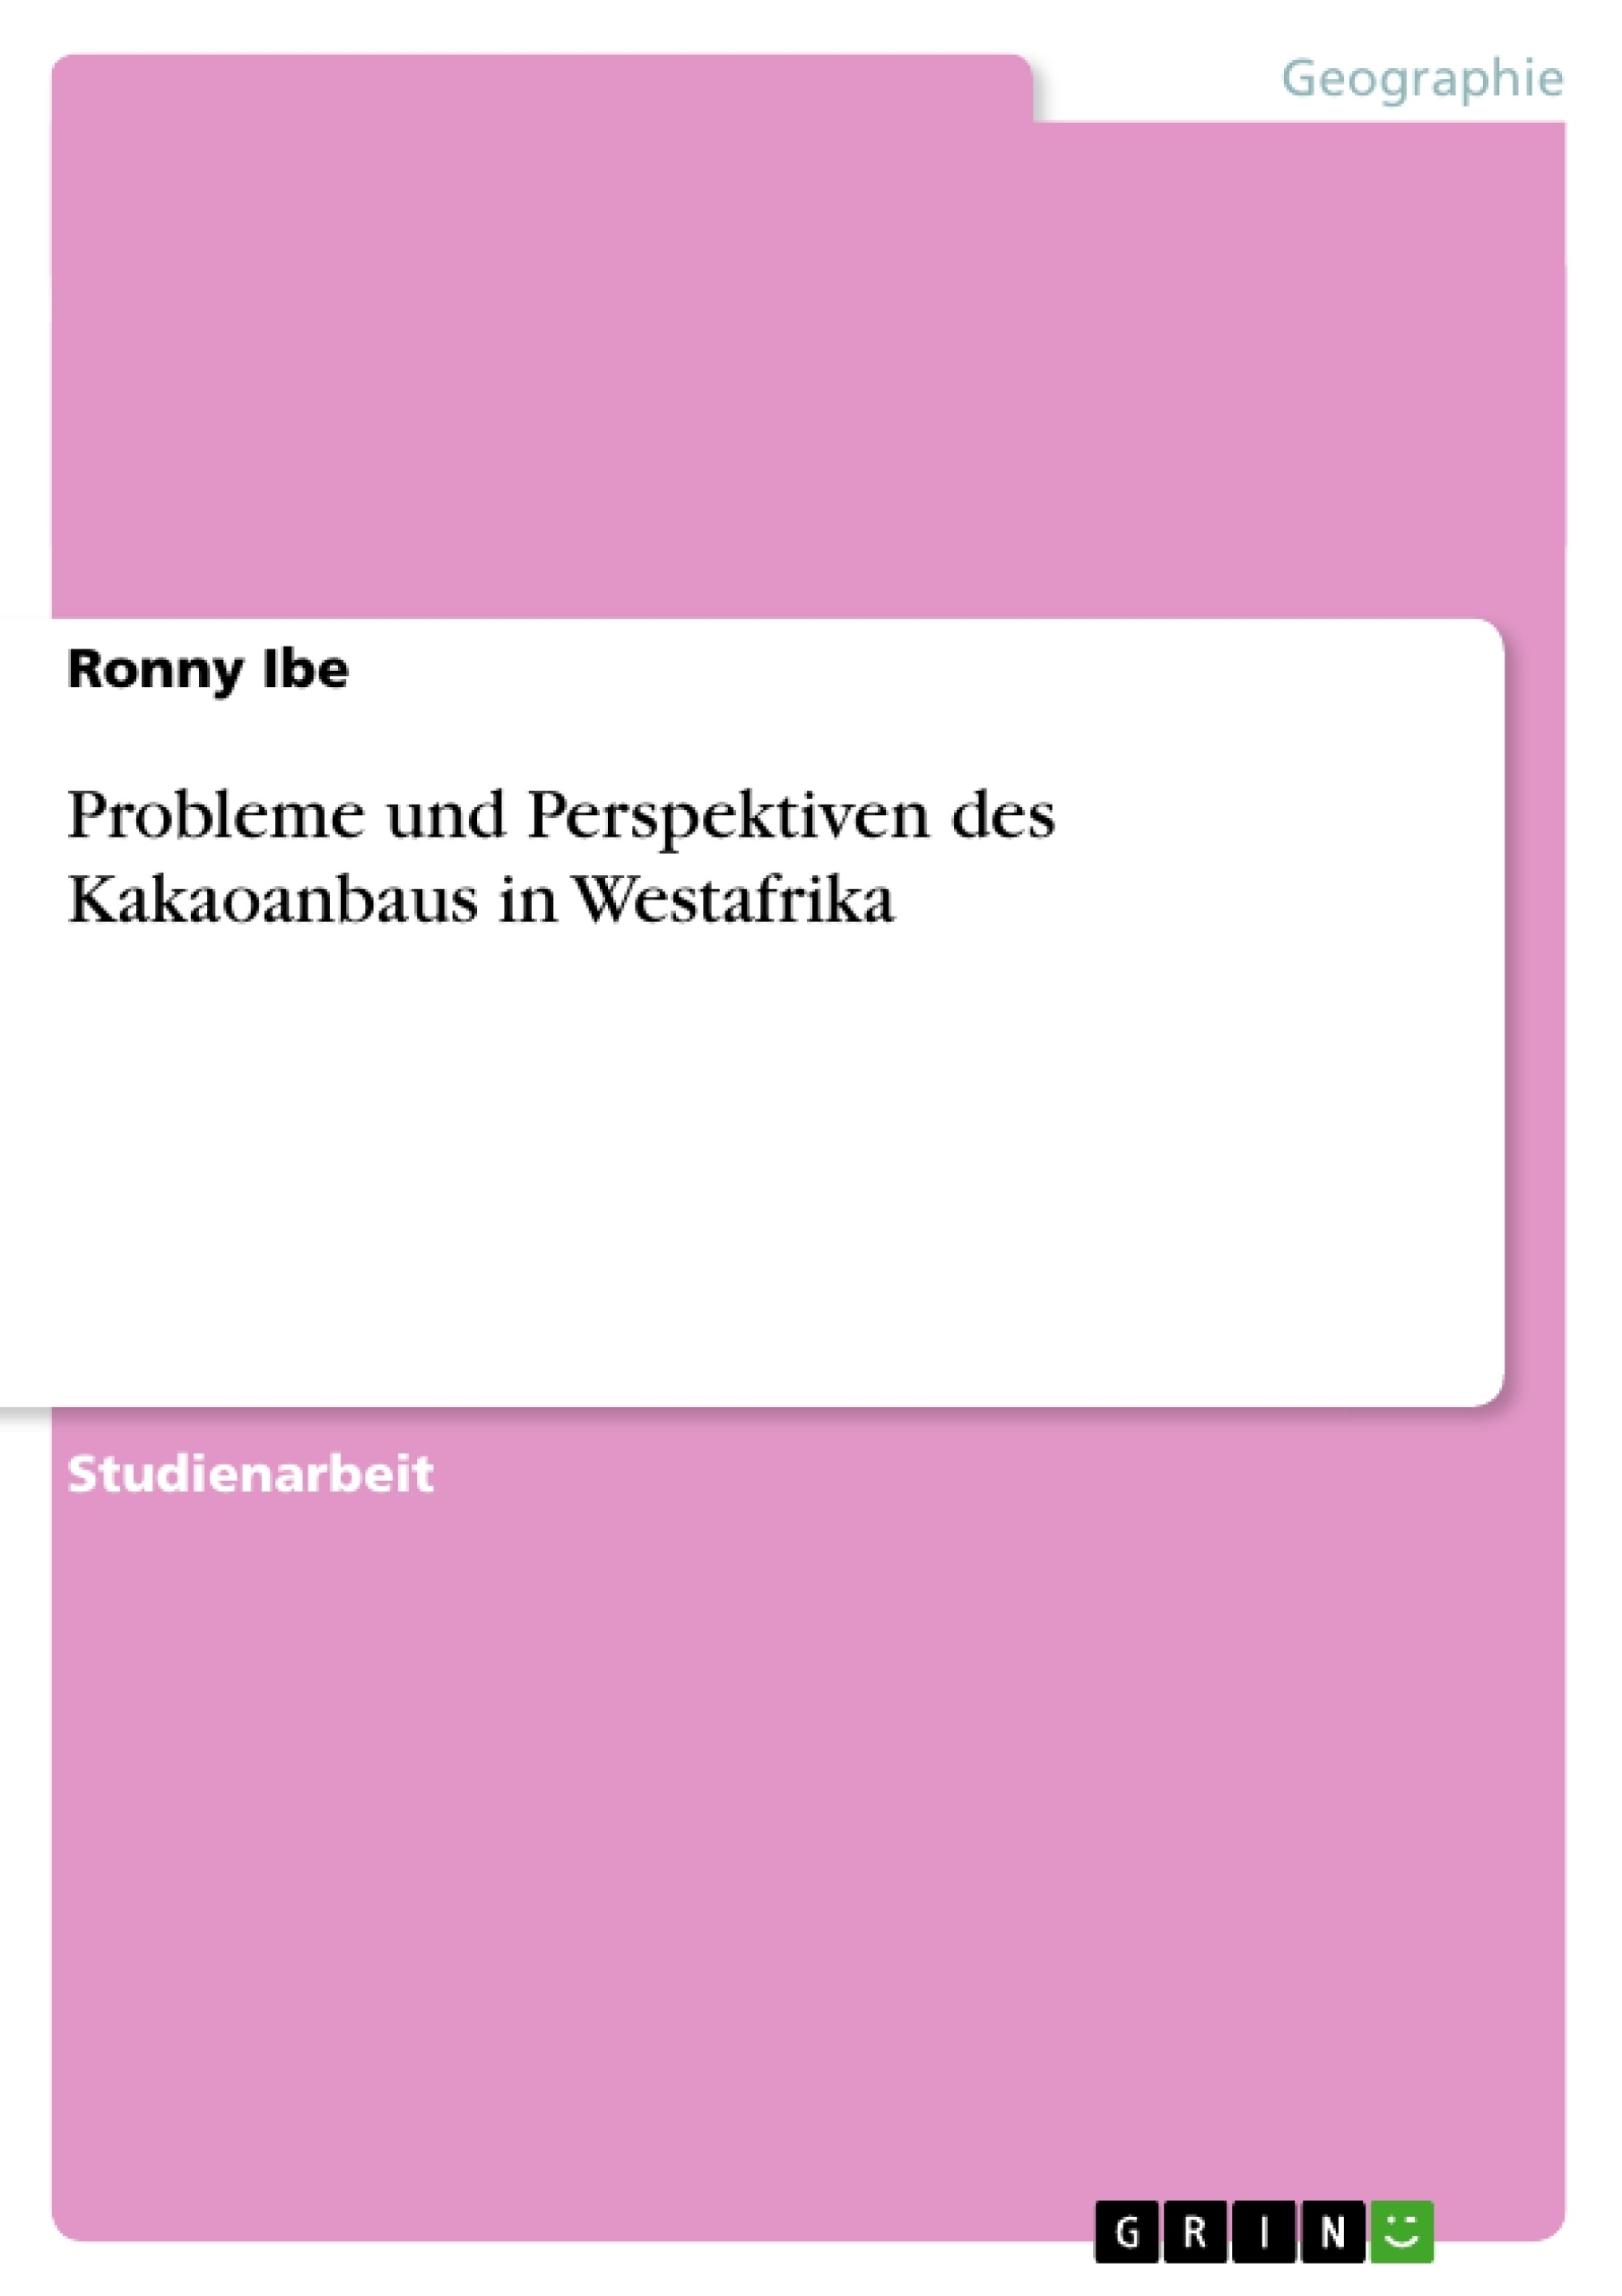 Titel: Probleme und Perspektiven des Kakaoanbaus in Westafrika